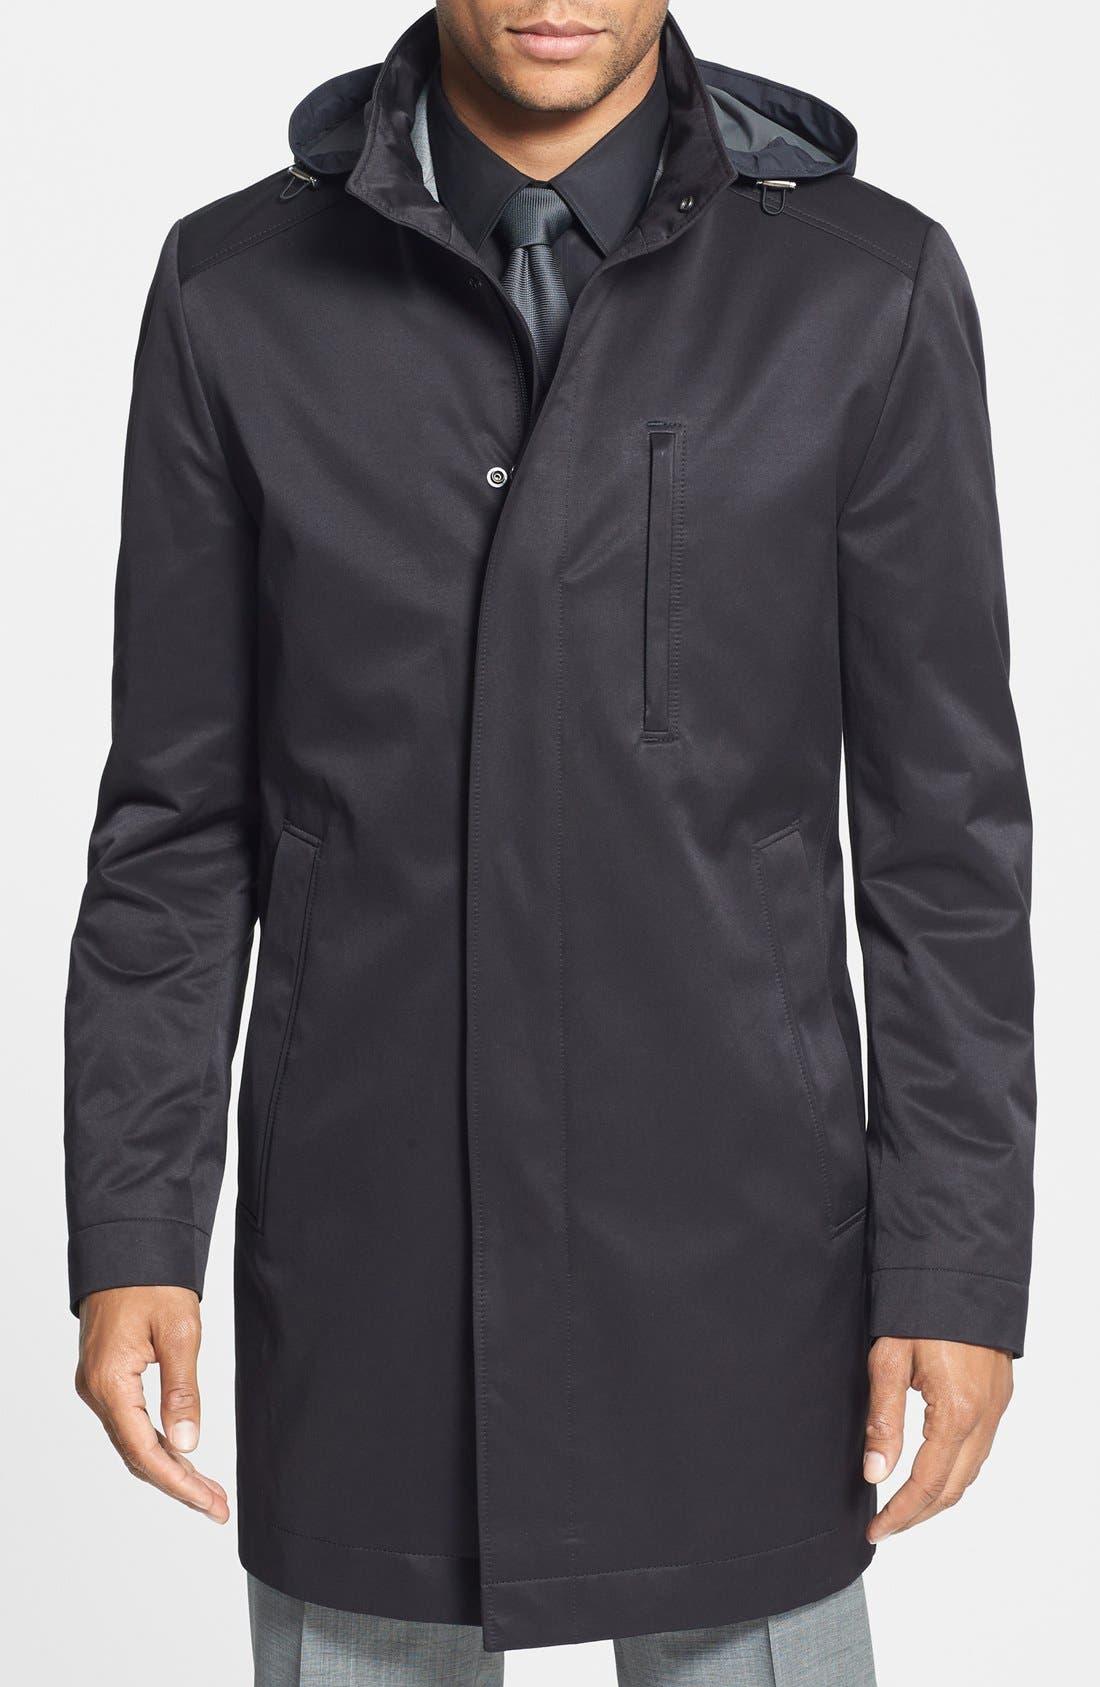 Alternate Image 1 Selected - BOSS 'The Donal' Trim Fit Raincoat